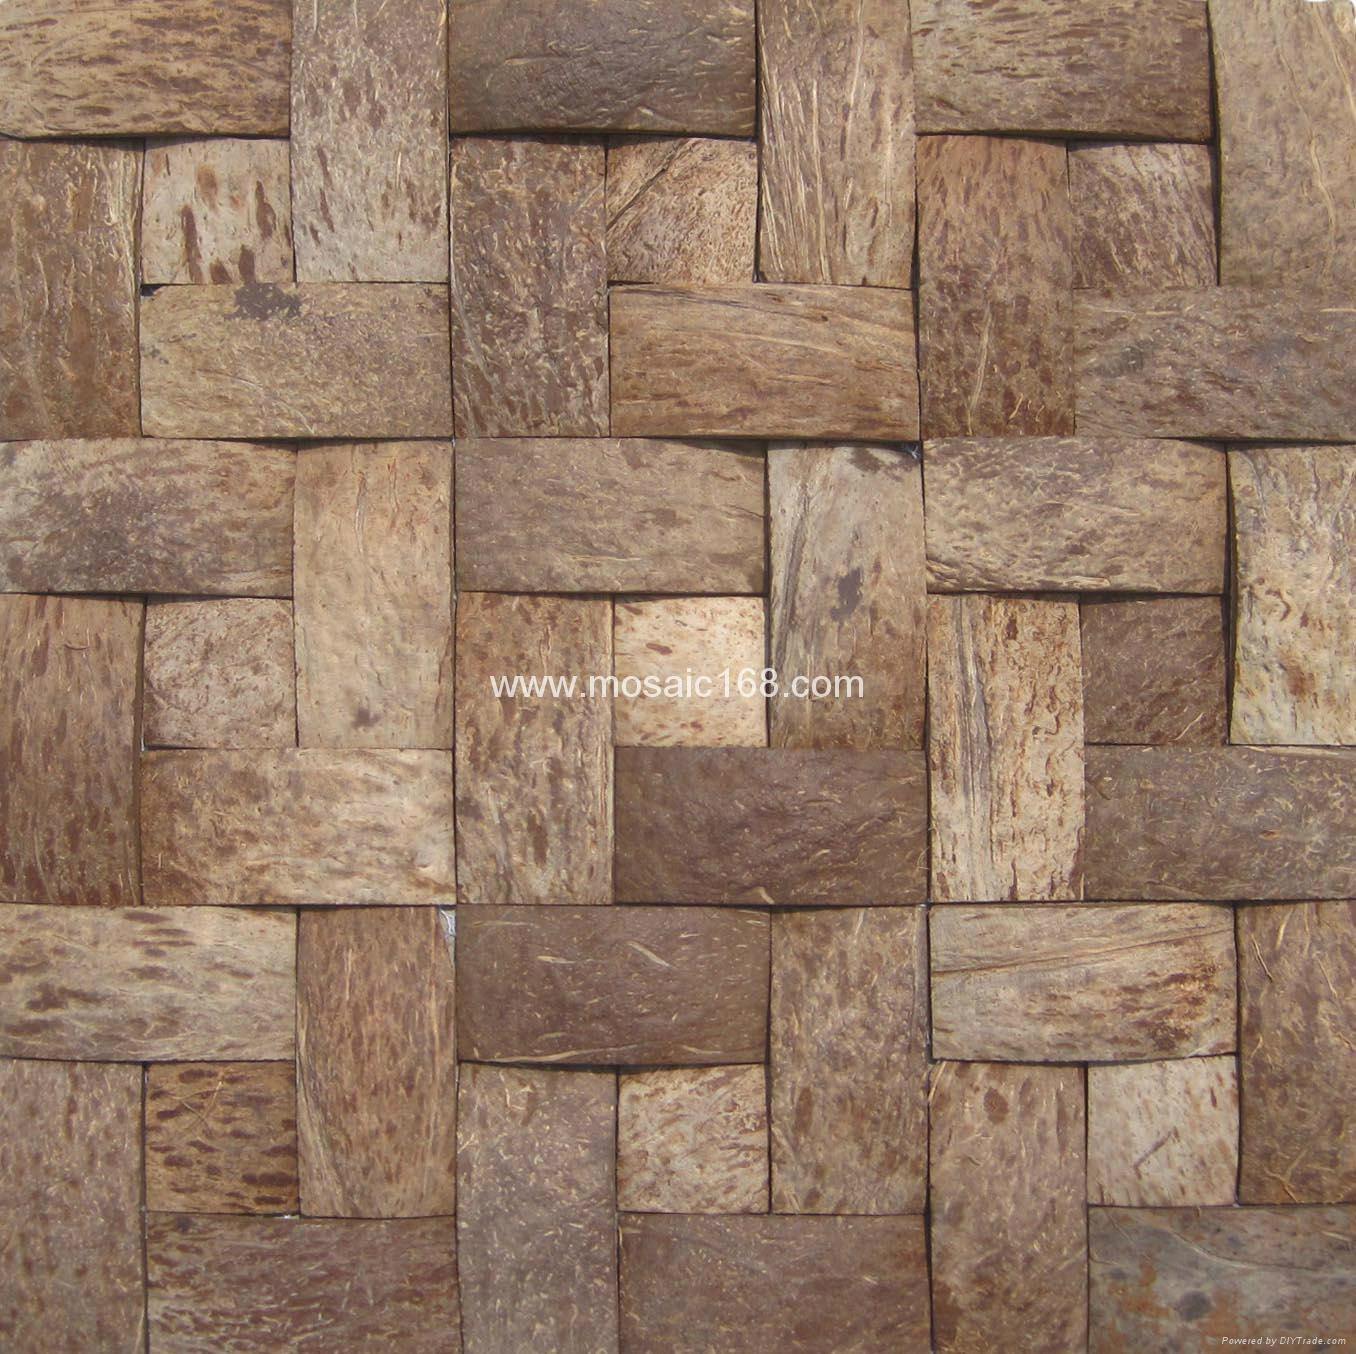 深棕色椰壳马赛克装饰板 6